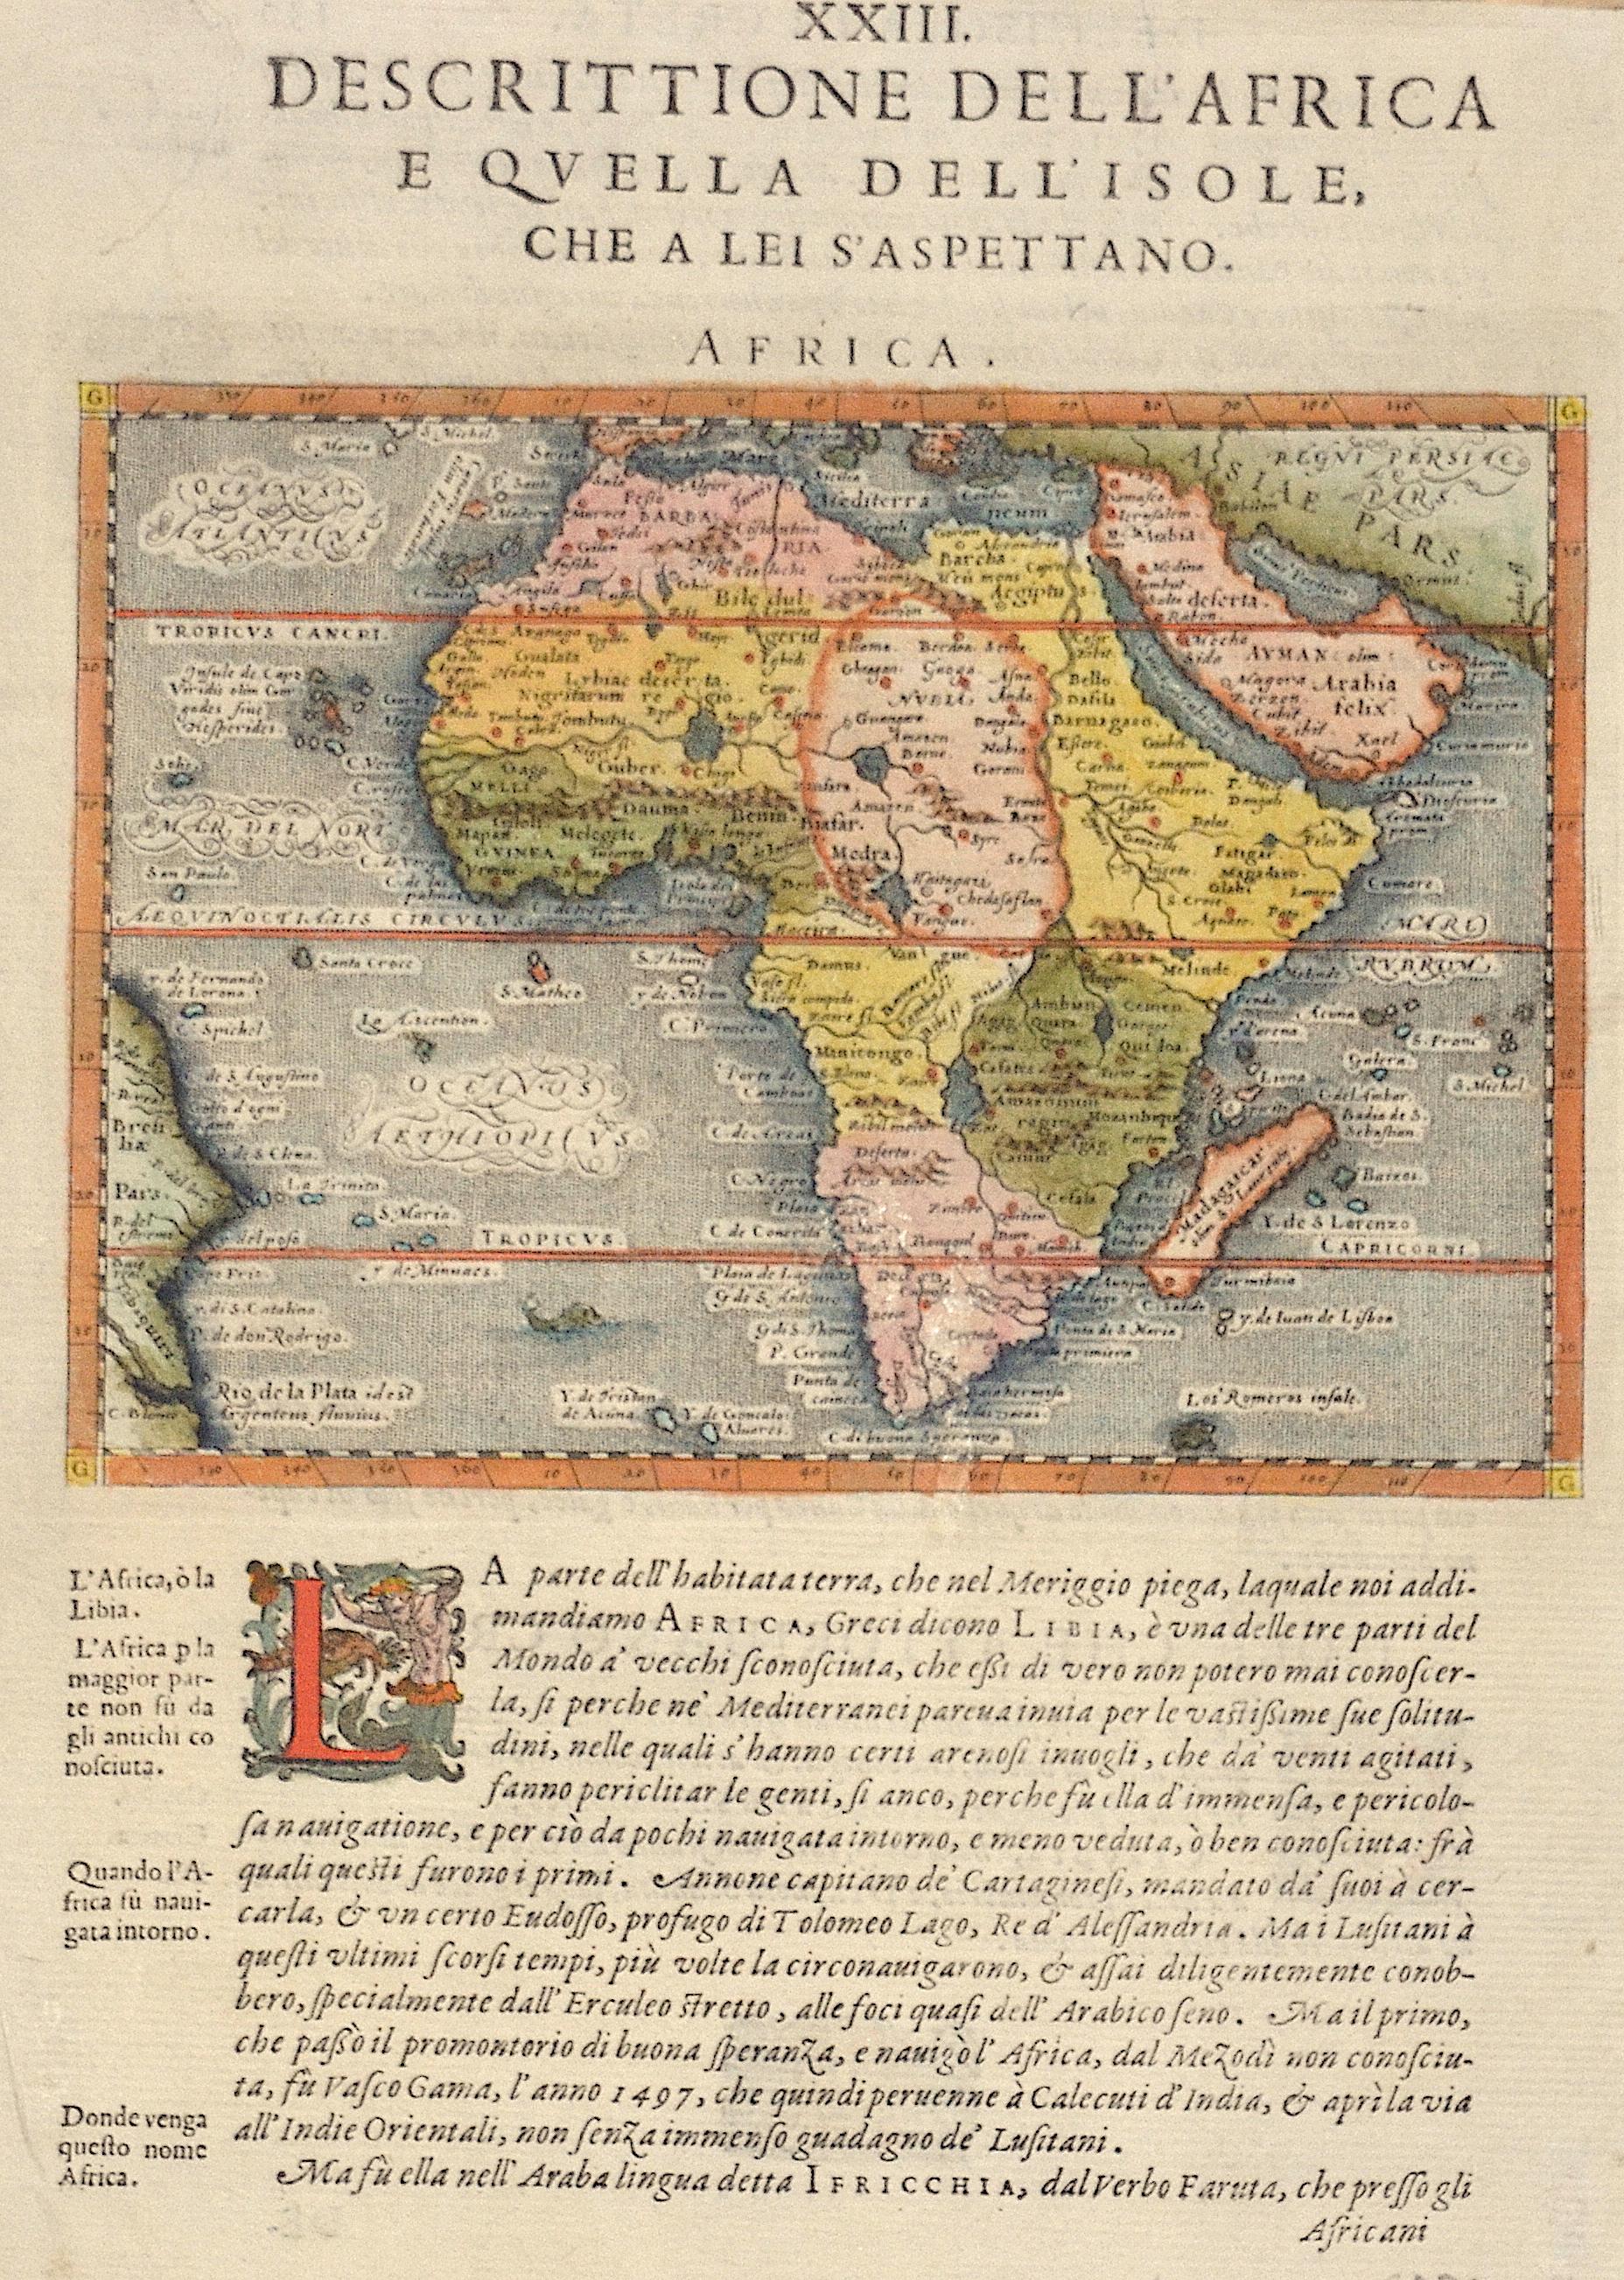 Magini  XXIII. Descrittione dell' Africa e Quella dell' Isole, che a lei S'Aspettano. / Africa.